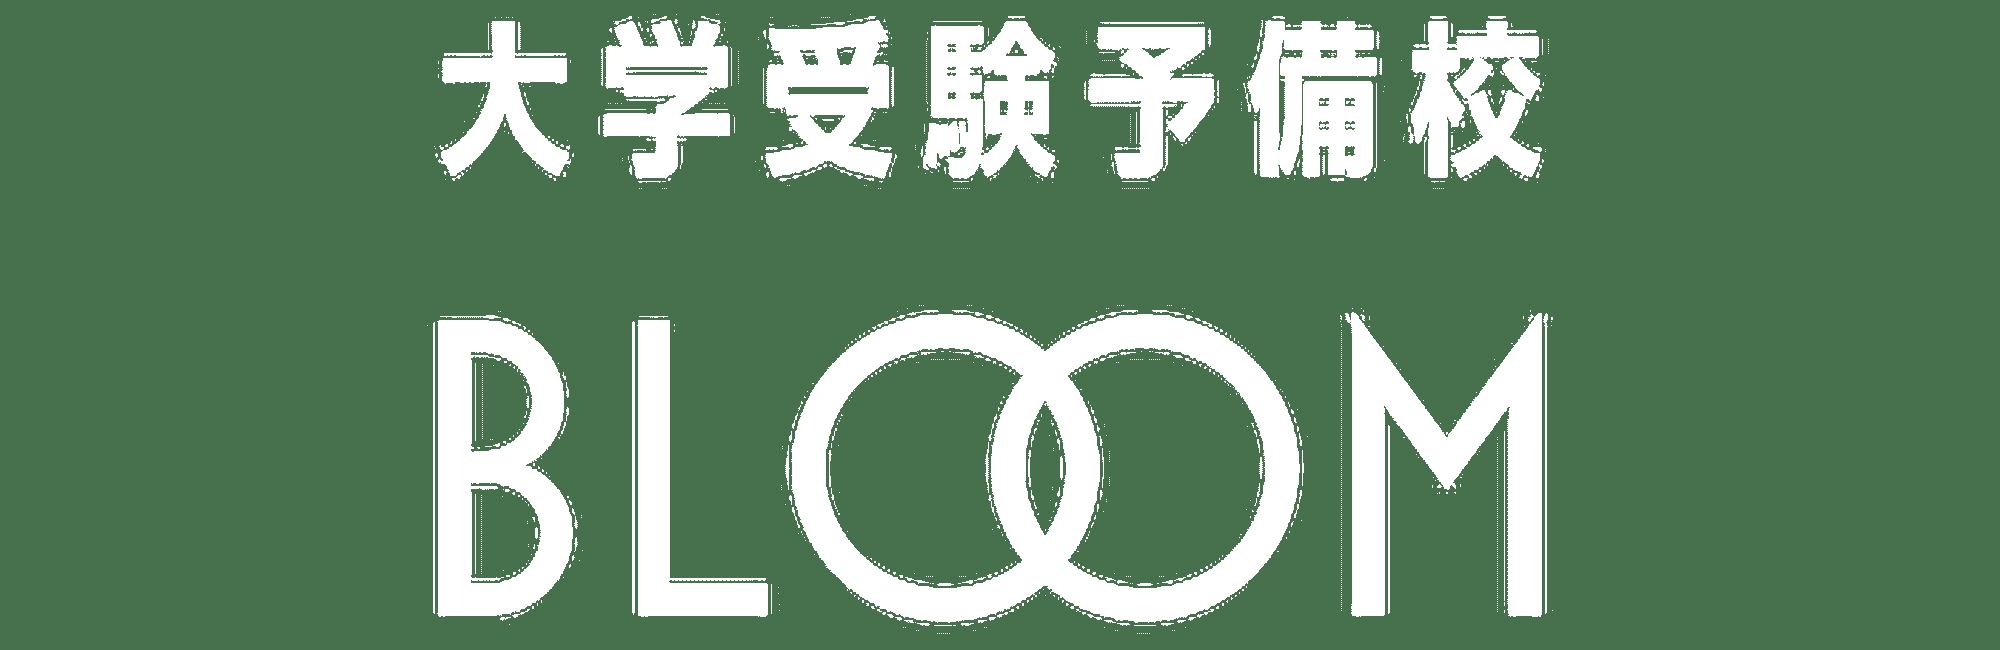 BLOOMのロゴです。